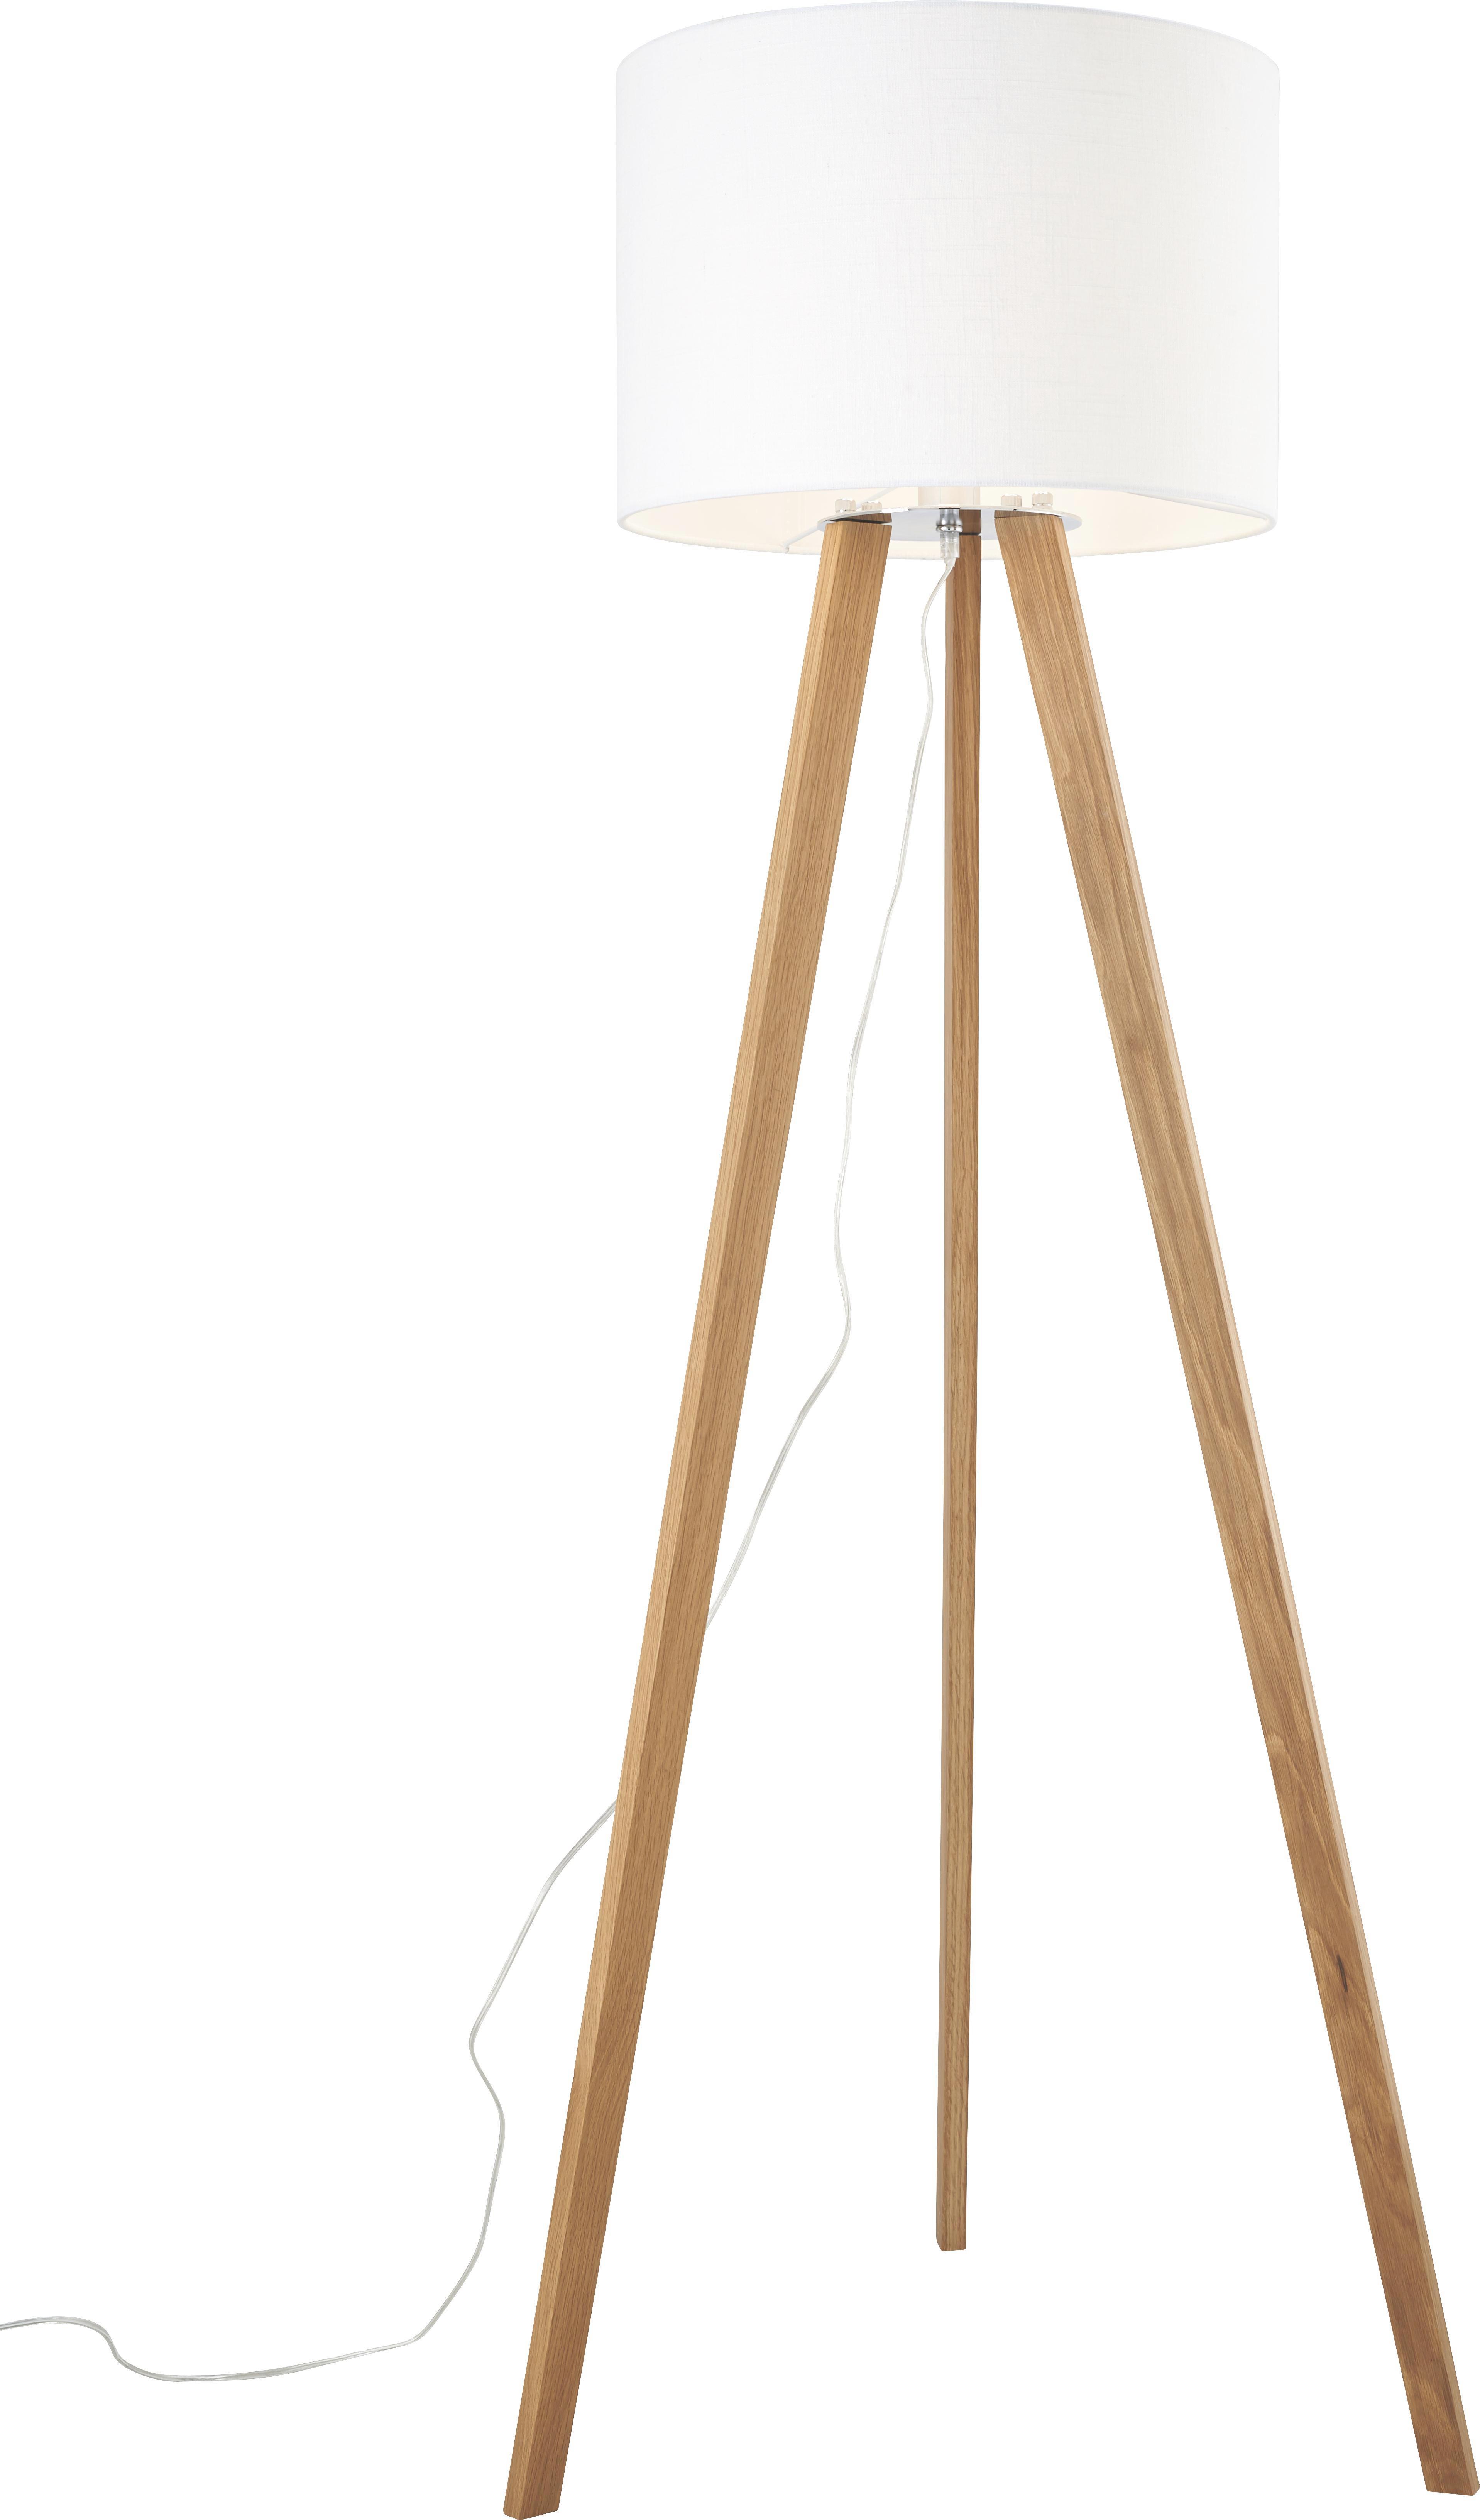 stehlampe wei holz elegant lampenfu wei vintage fr eine stehlampe lampenfu stehleuchte wei aus. Black Bedroom Furniture Sets. Home Design Ideas